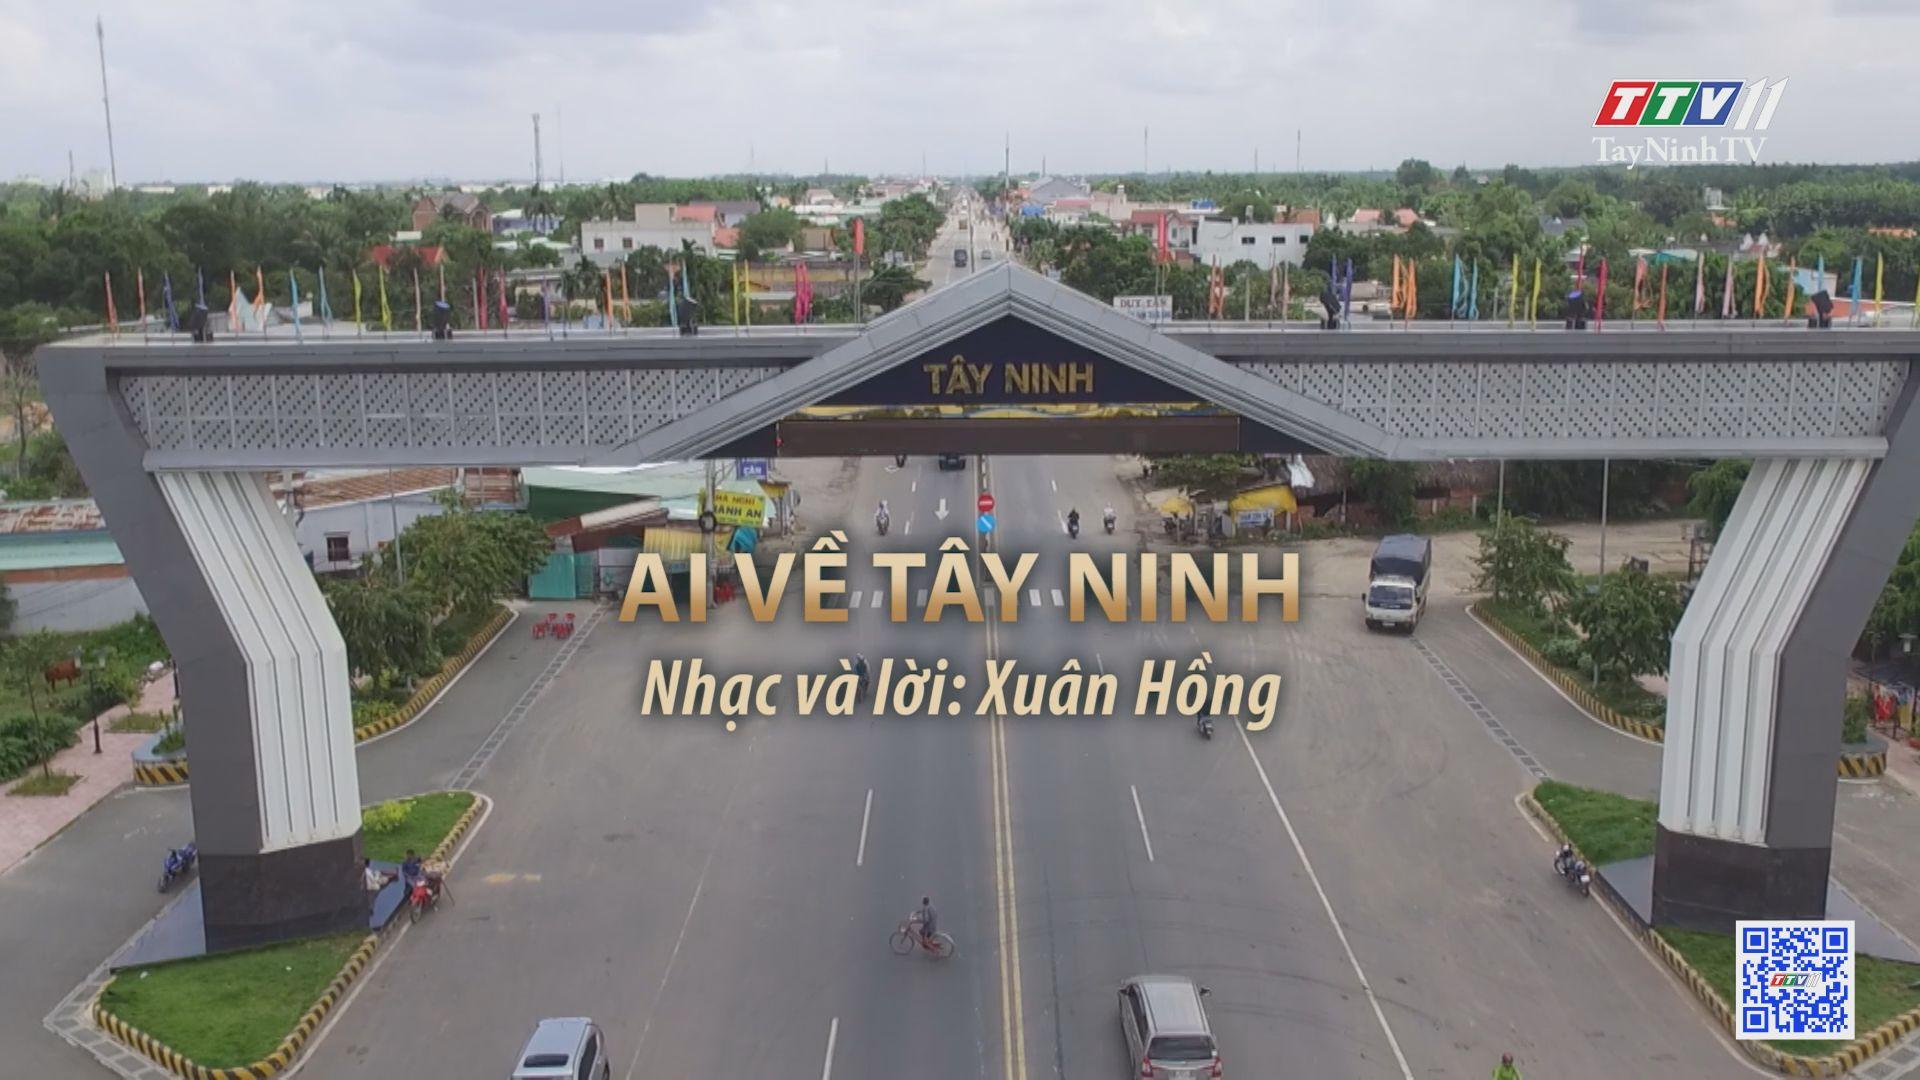 Ai về Tây Ninh | Tuyển tập karaoke Tây Ninh tình yêu trong tôi | TayNinhTV